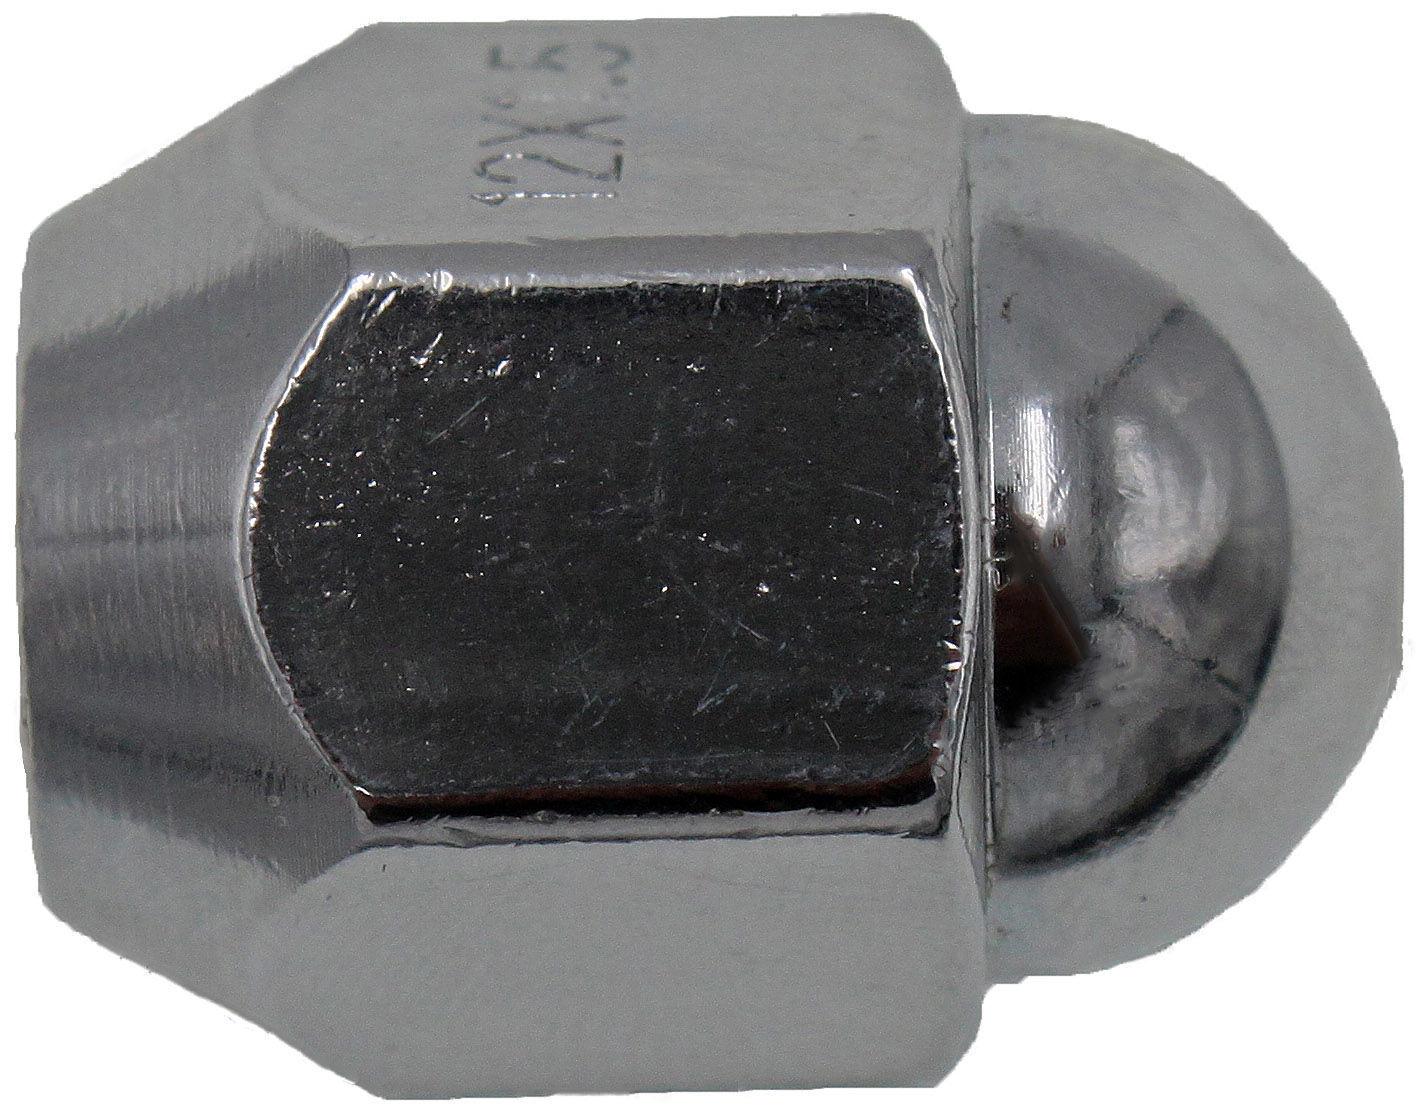 DORMAN - AUTOGRADE - Wheel Lug Nut - DOC 611-133.1